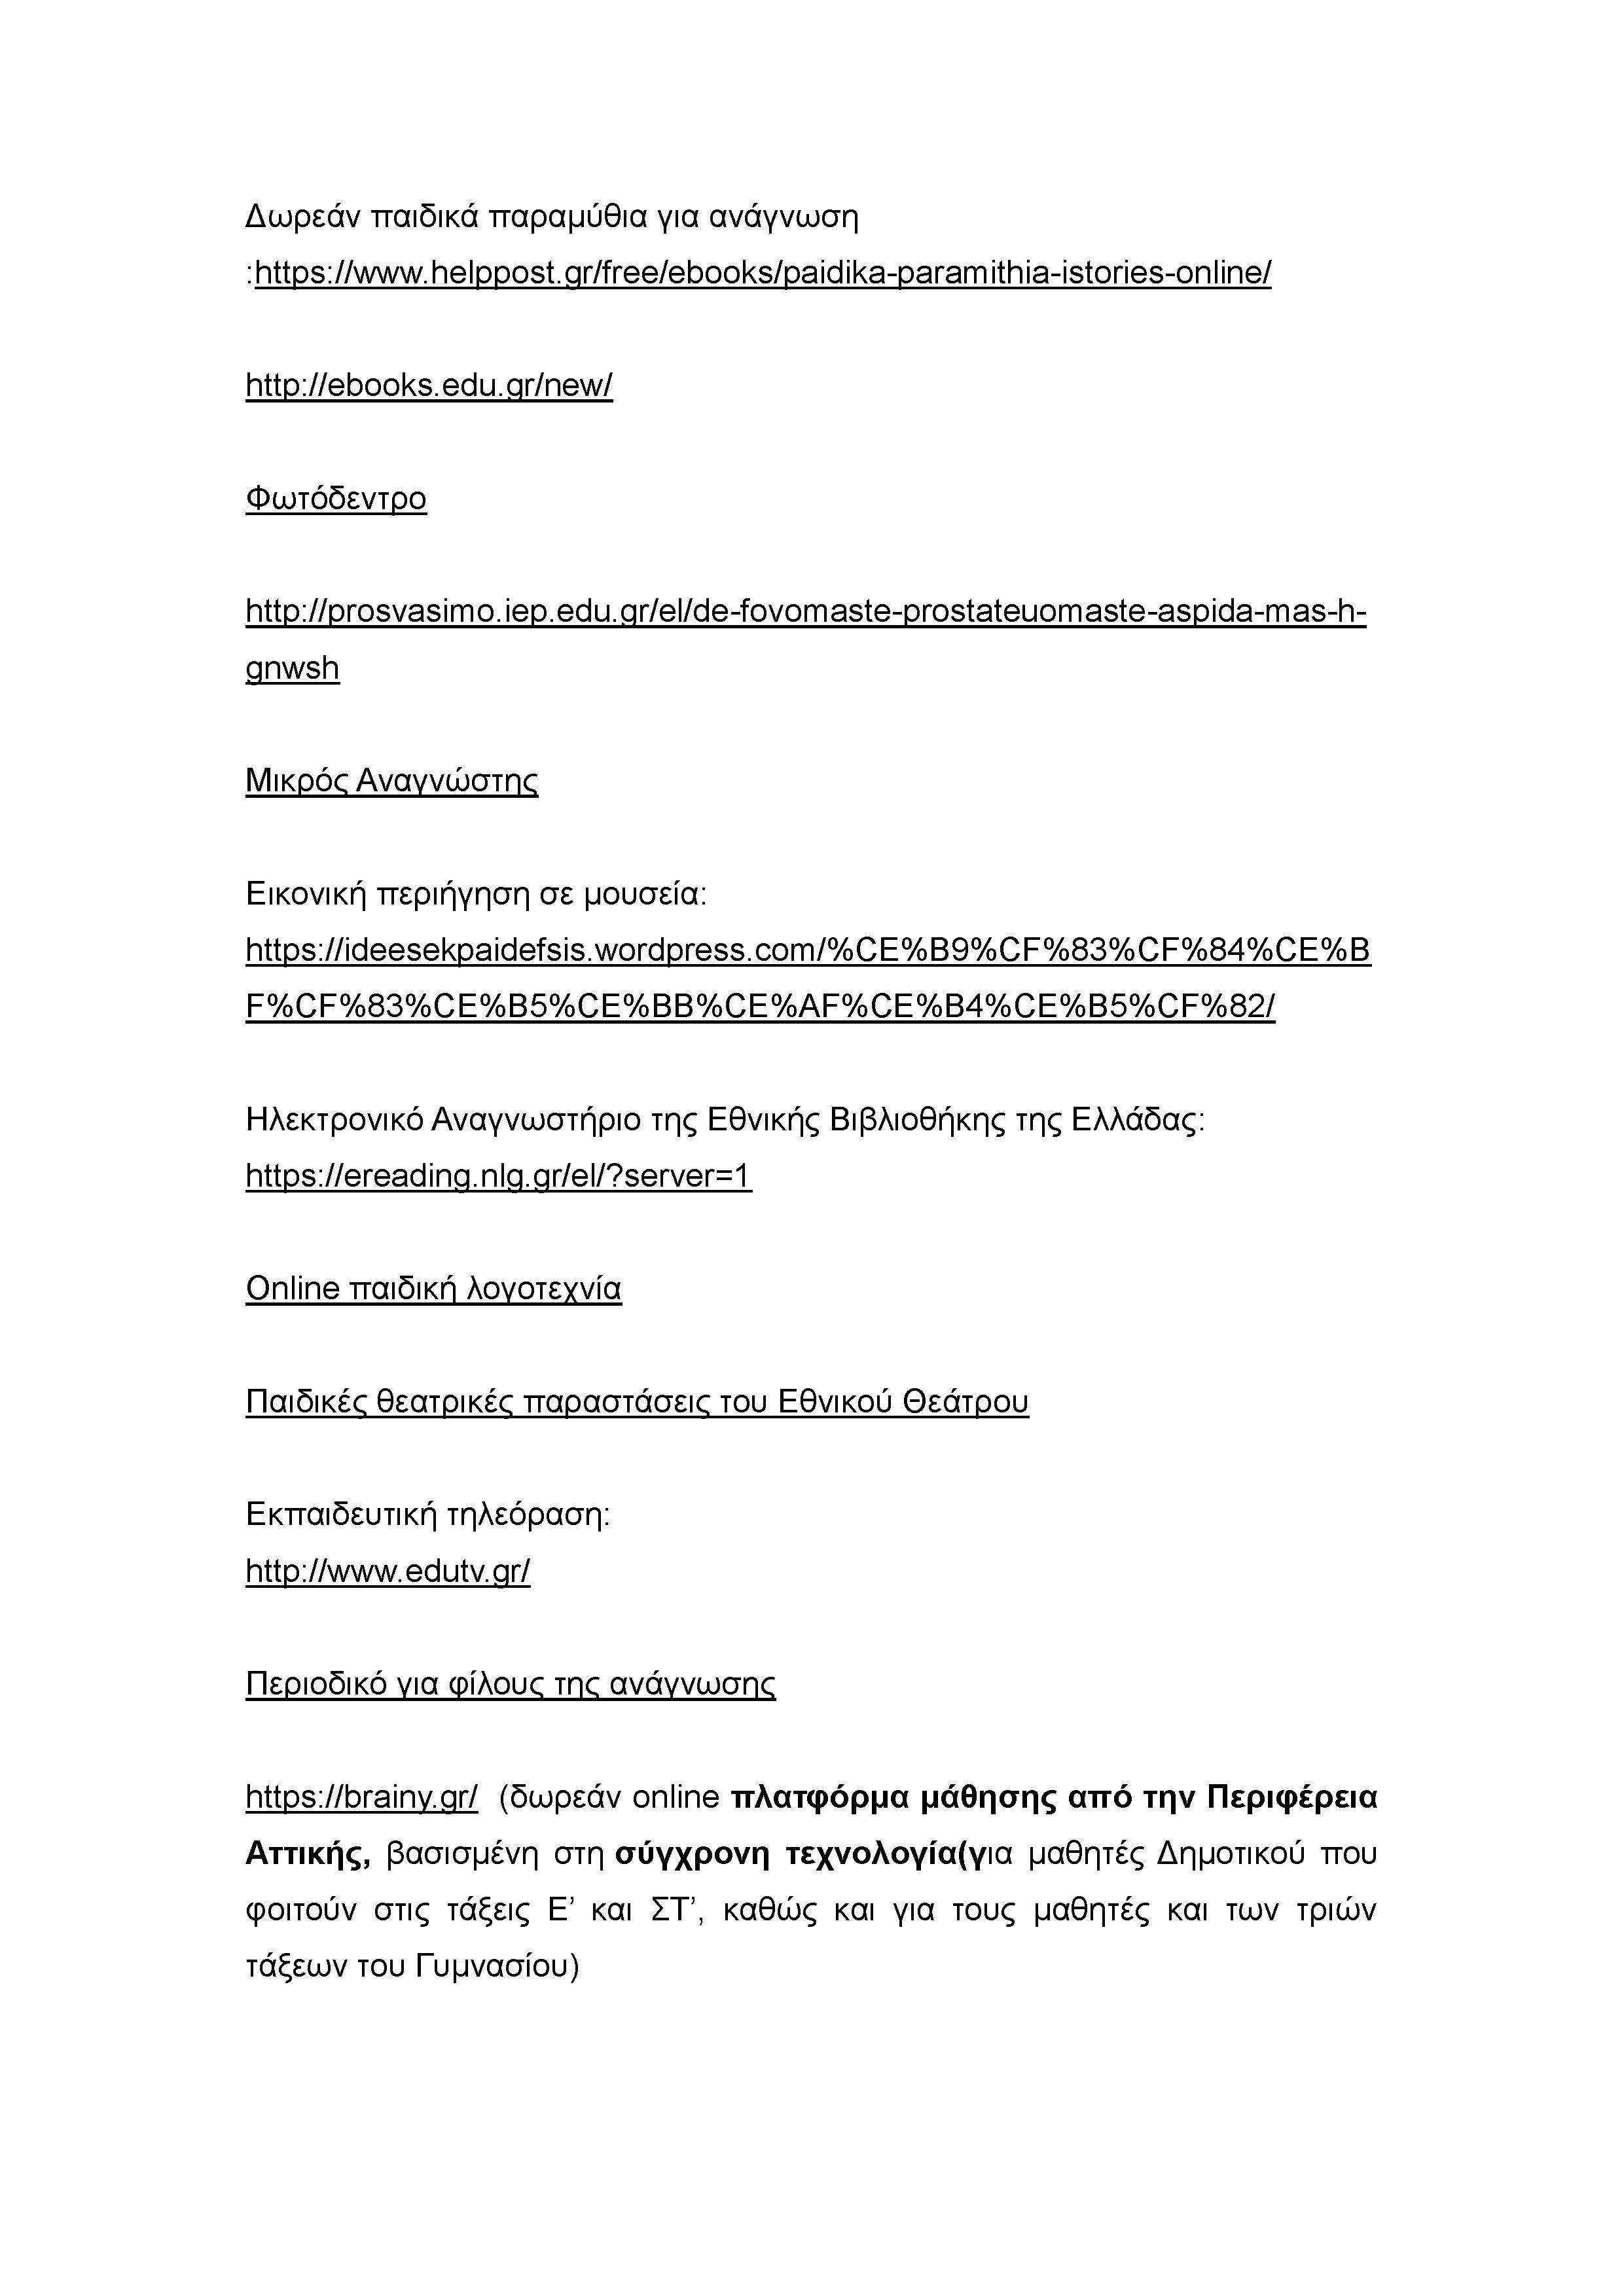 Ενδεικτικές-προτάσεις-από-το-ΚΕΣΥ-Αργολίδας-για-την-υποστήριξη-των-παιδιών-εν-μέσω-πανδημίας-COVID-19-8